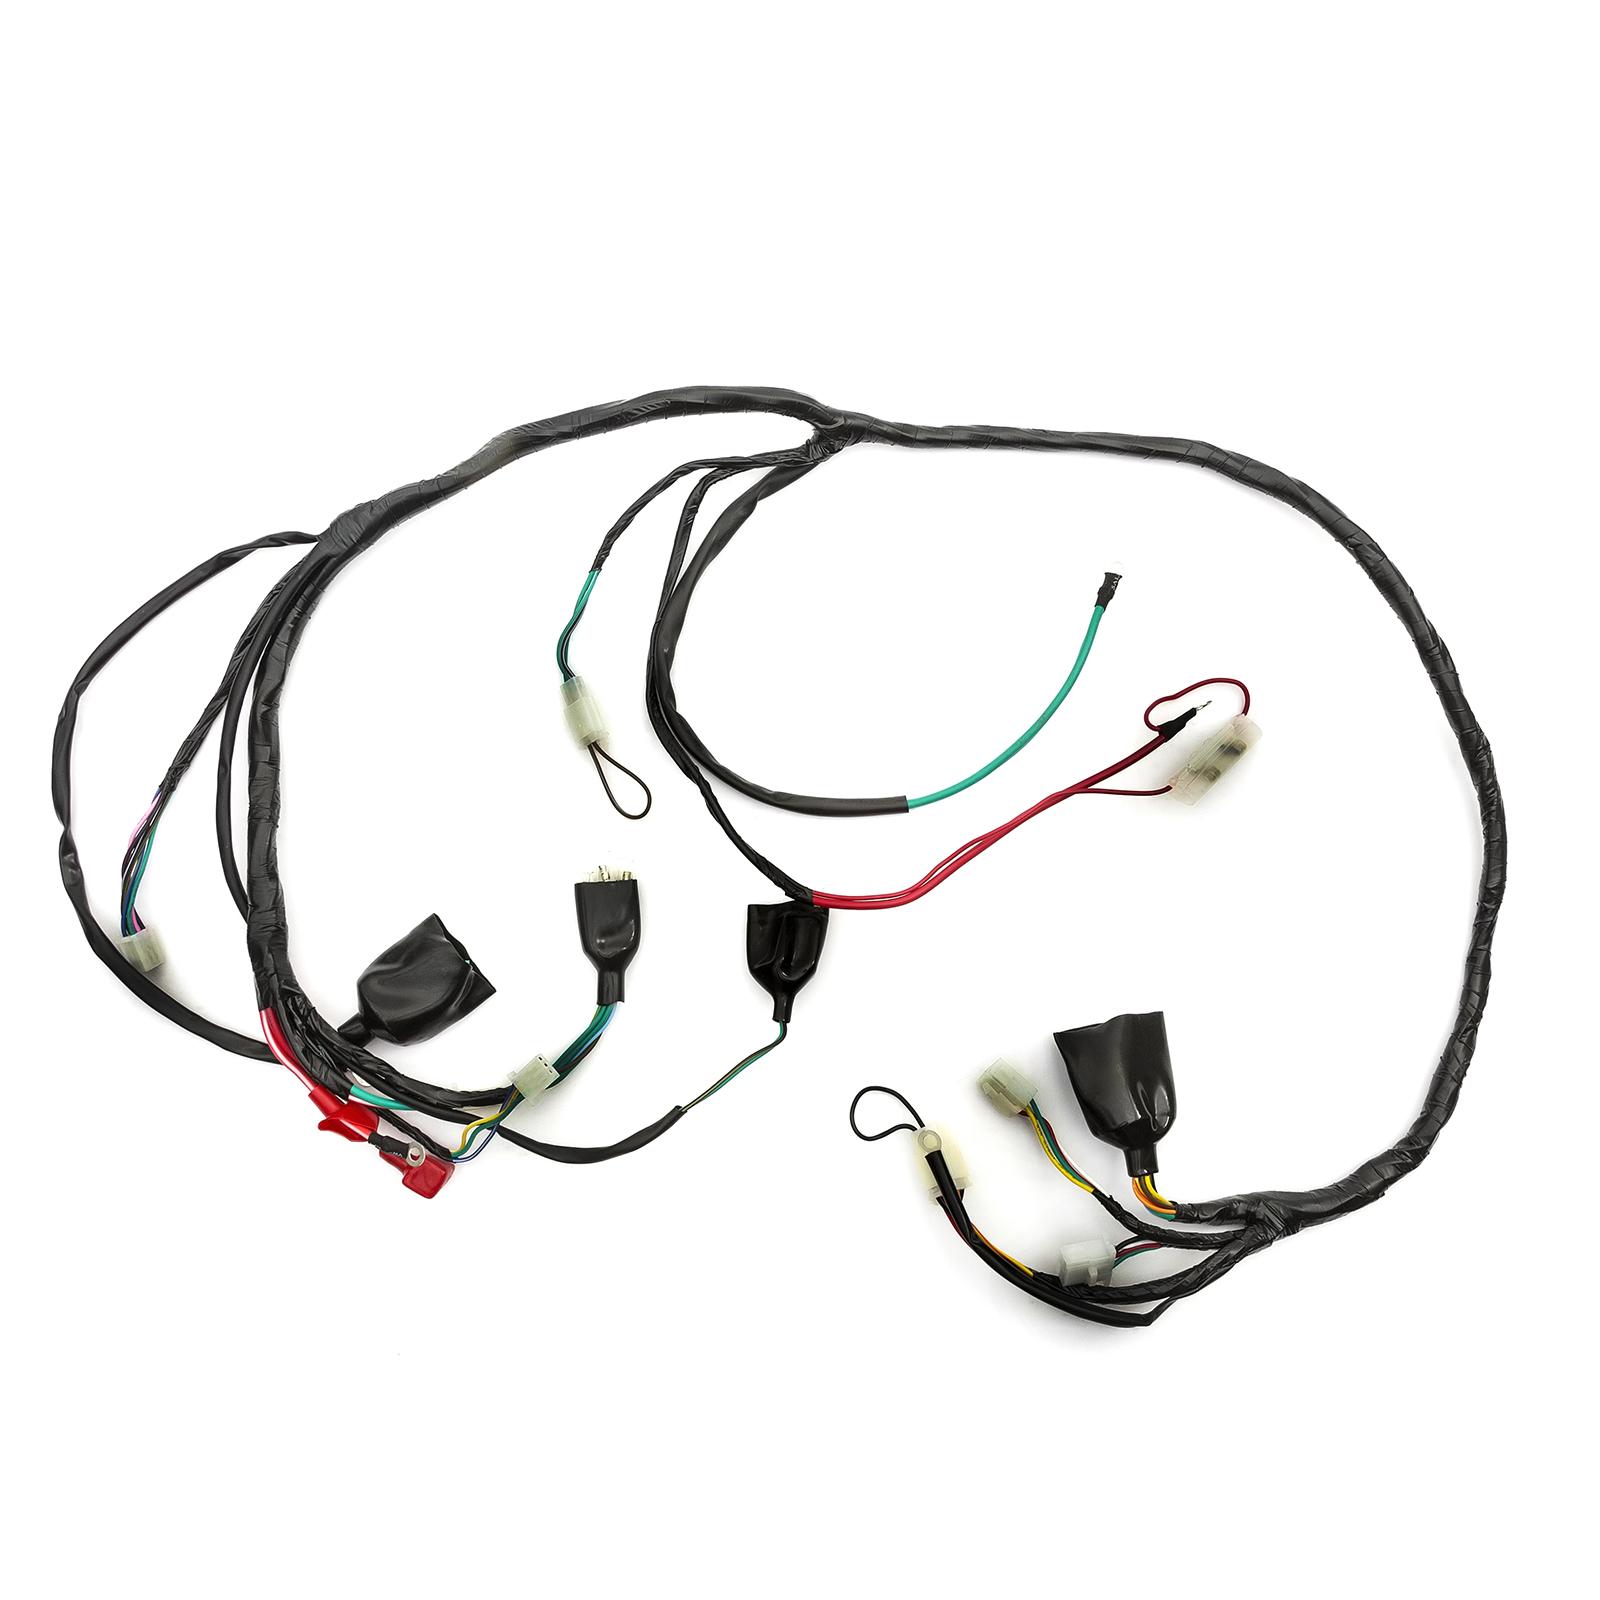 Scooter Wiring Loom Harness Baotian 50cc Qt12